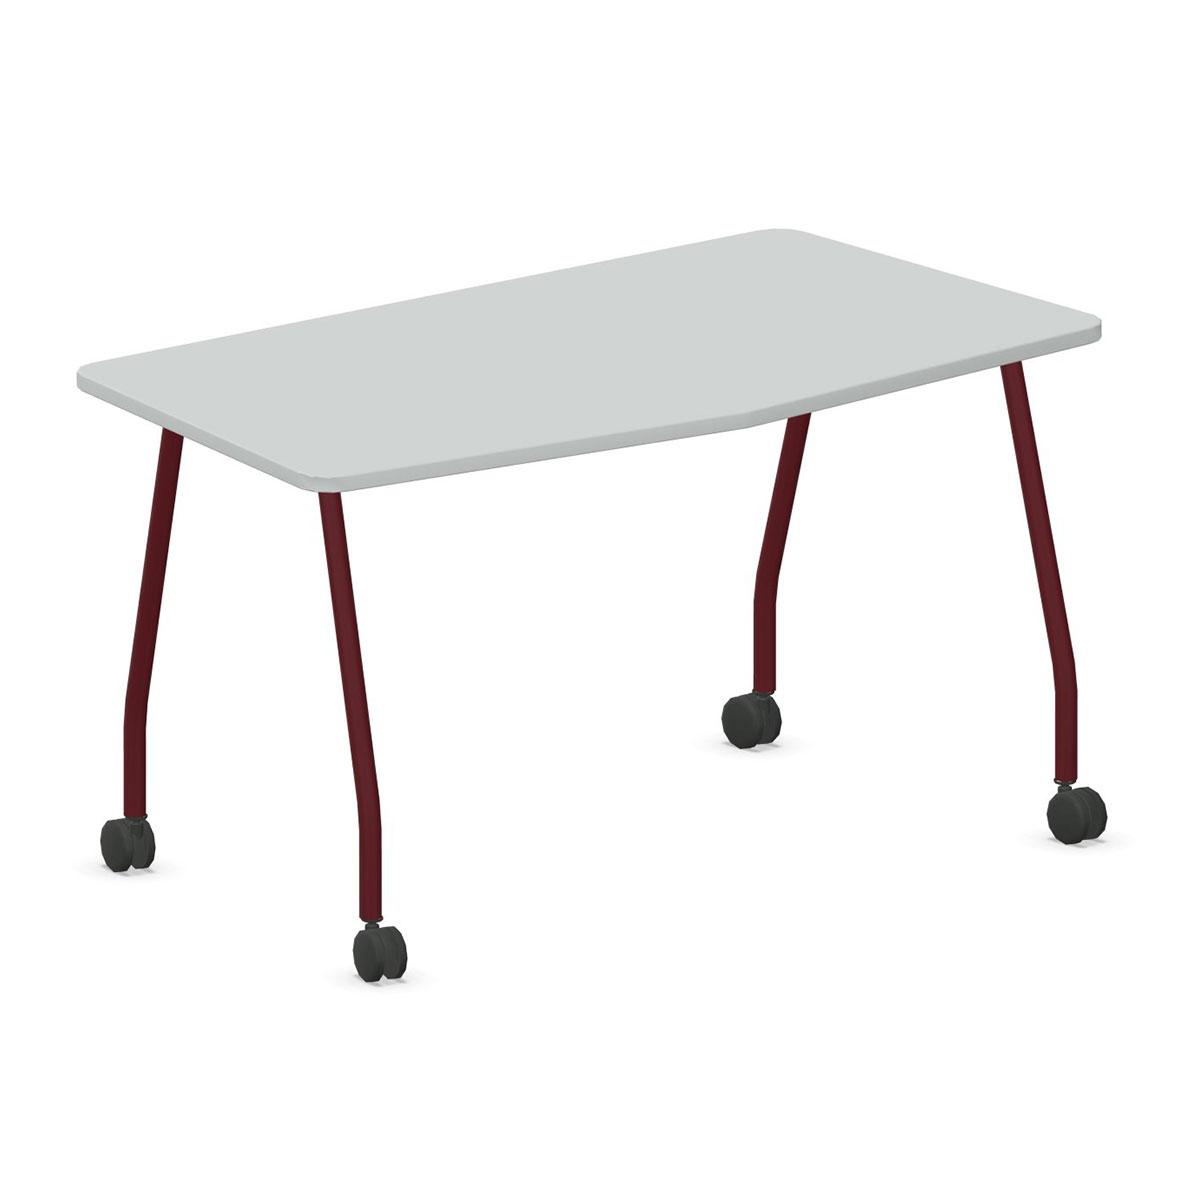 Steelcase VERB Schülertisch auf Rollen in Chevronform, 1.400 x 700 mm